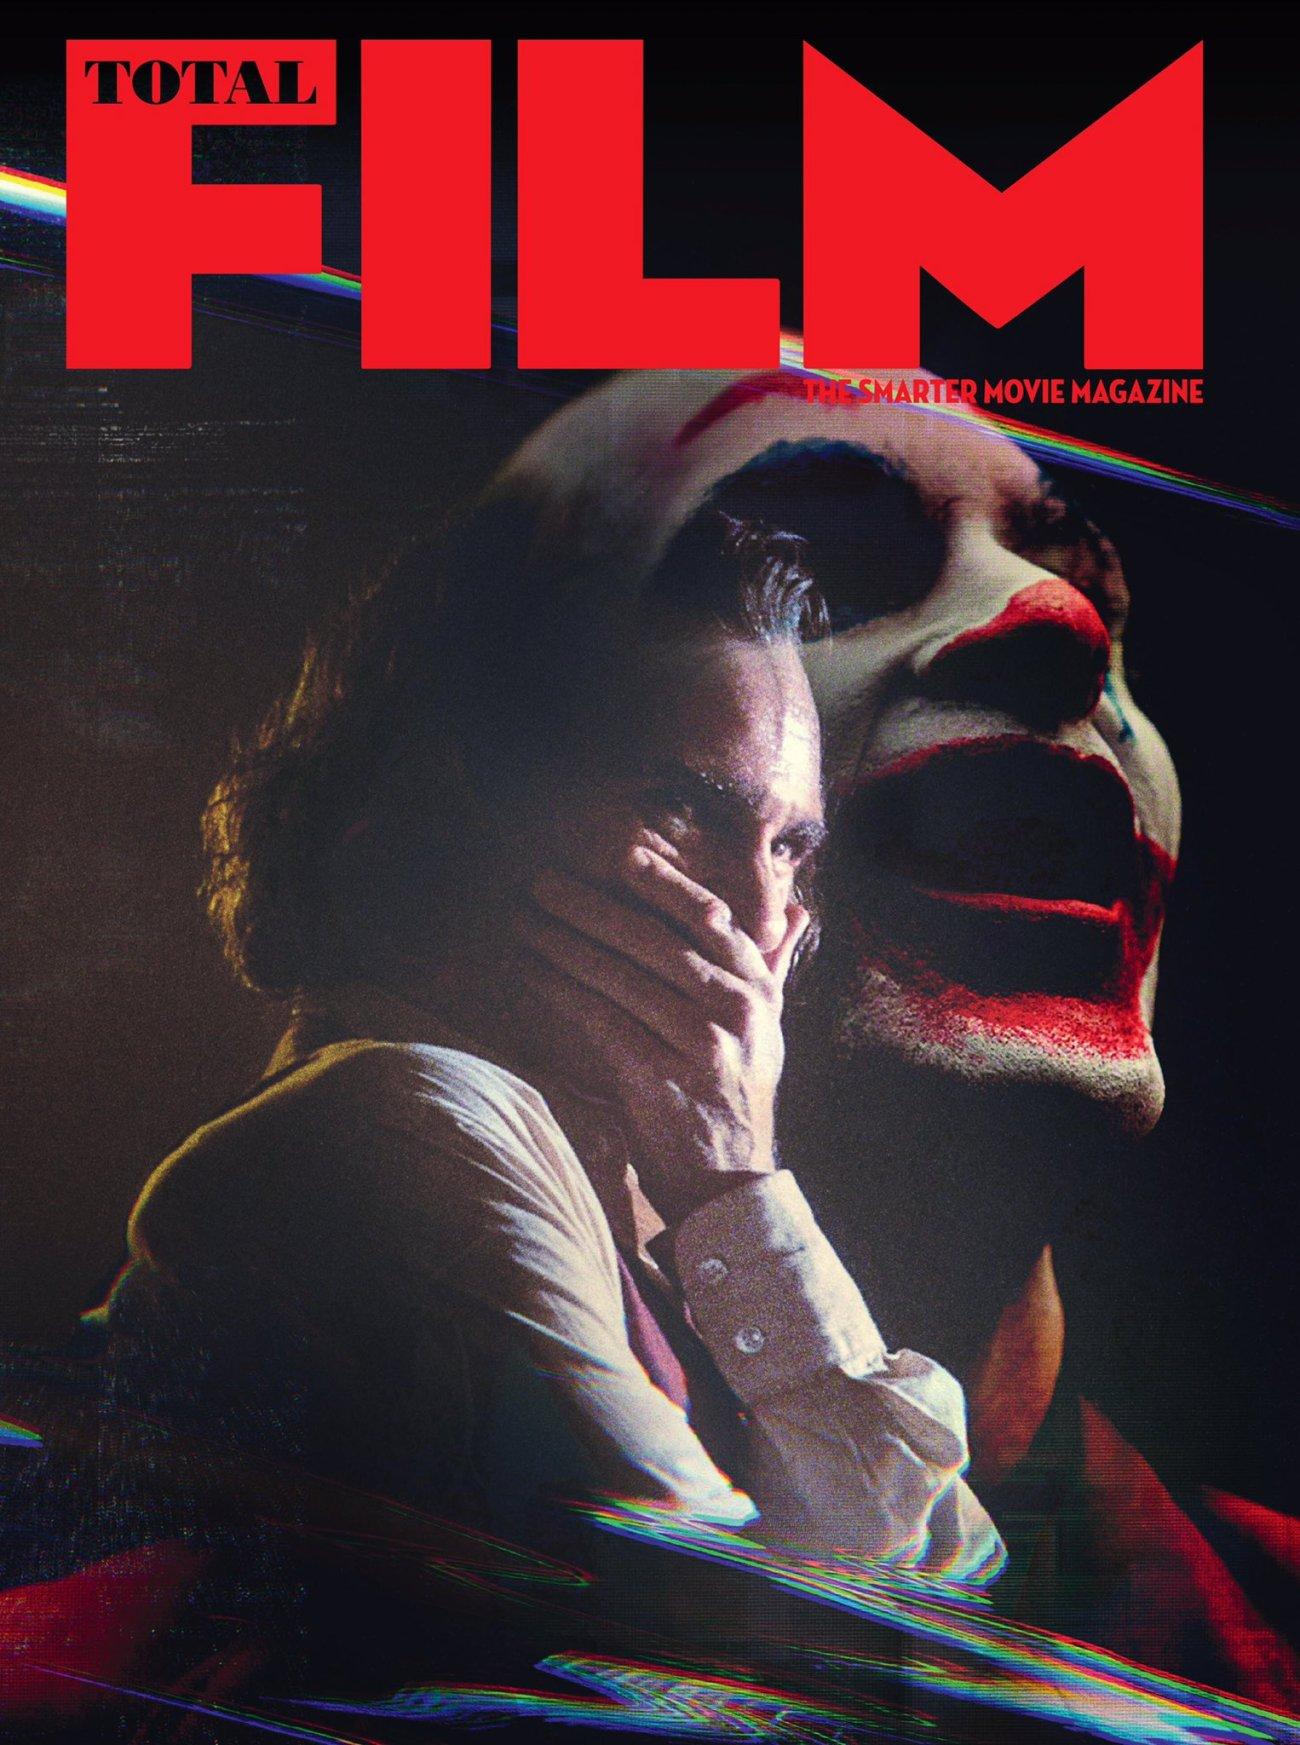 Portada para subscriptores de Total Film (septiembre de 2019). Imagen: Total Film Twitter (@totalfilm).